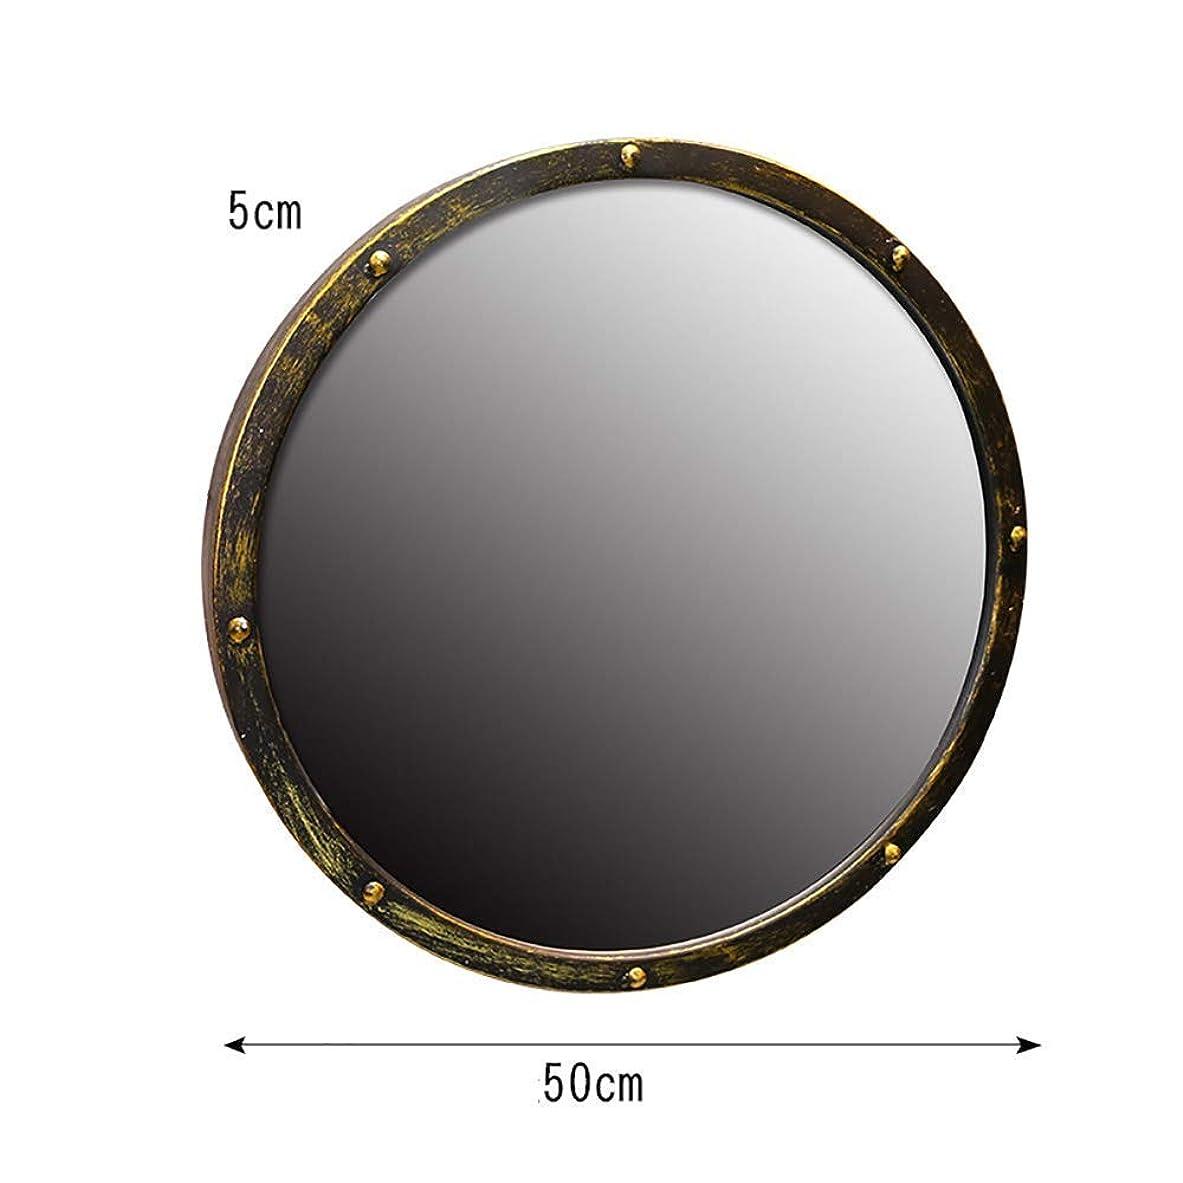 にもかかわらず形成とてもShiSyan ミラー 中国の芸術のバスルームの鏡ラウンドミラー、錬鉄製のレトロなバスルームの鏡、風に工業用ミラーぶら下げ インテリア